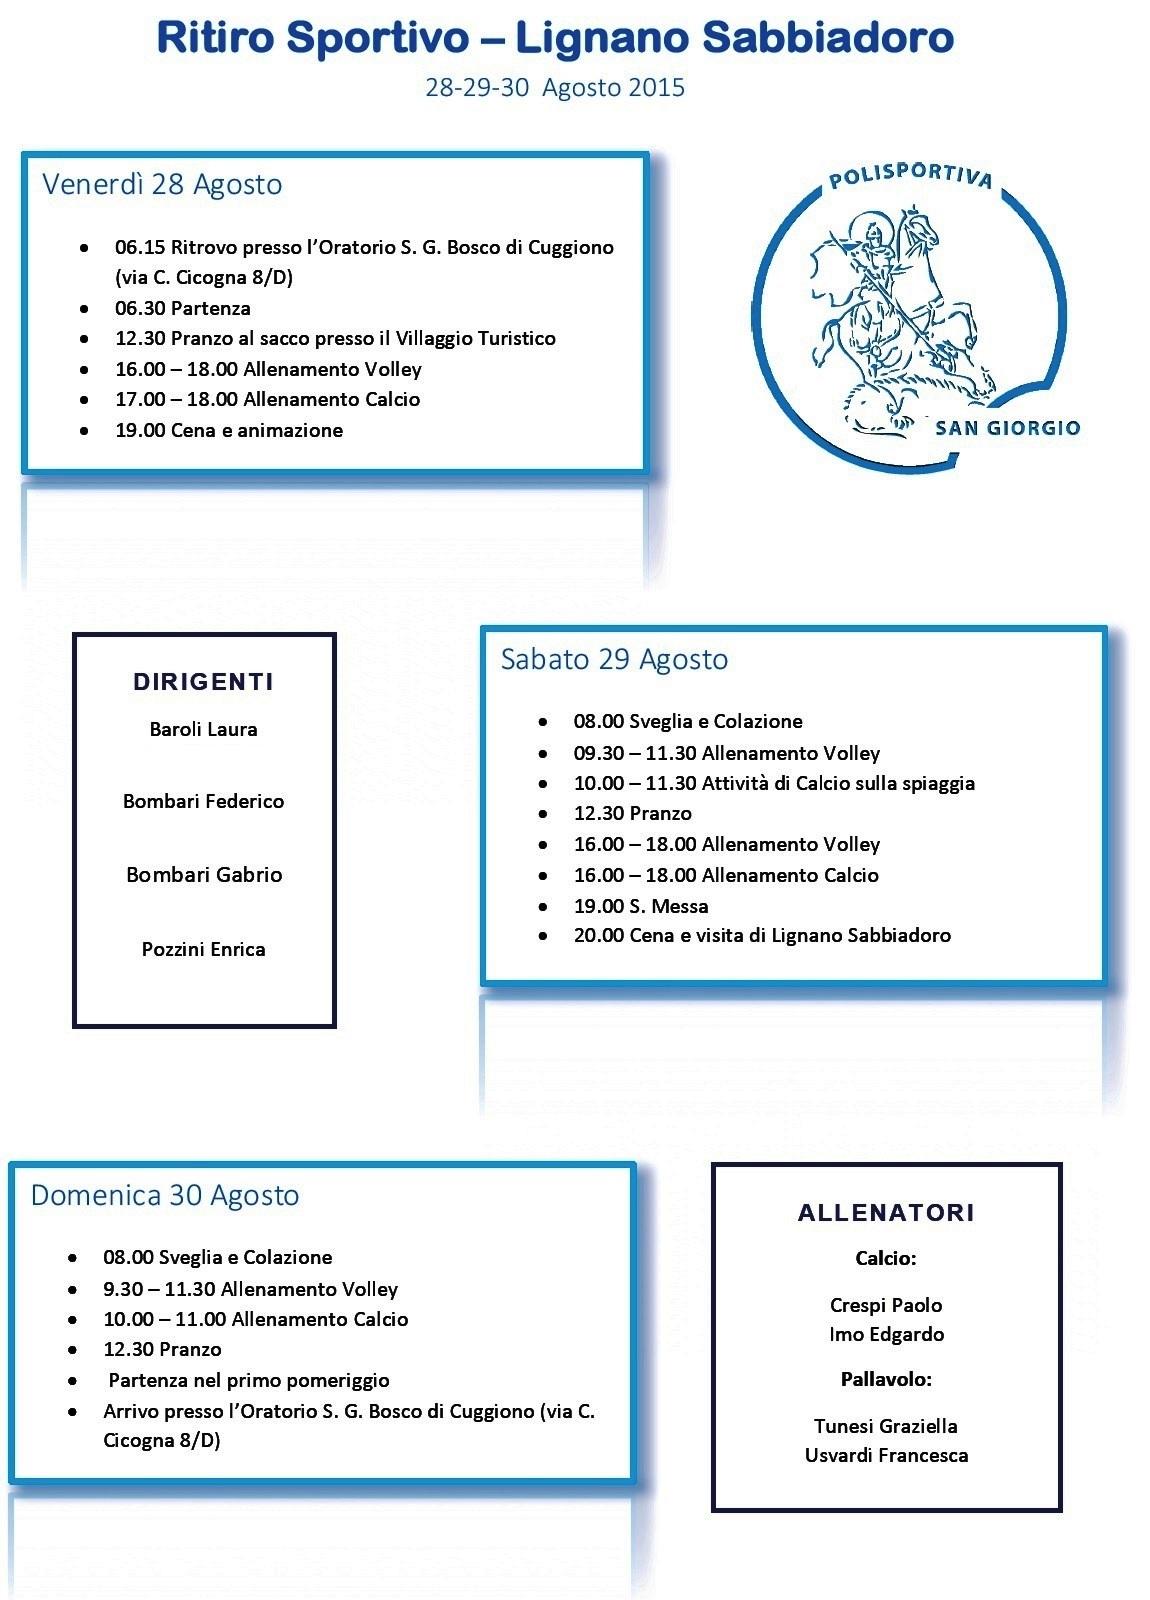 Programma - Ritiro Sportivo - Lignano Sabbiadoro 2